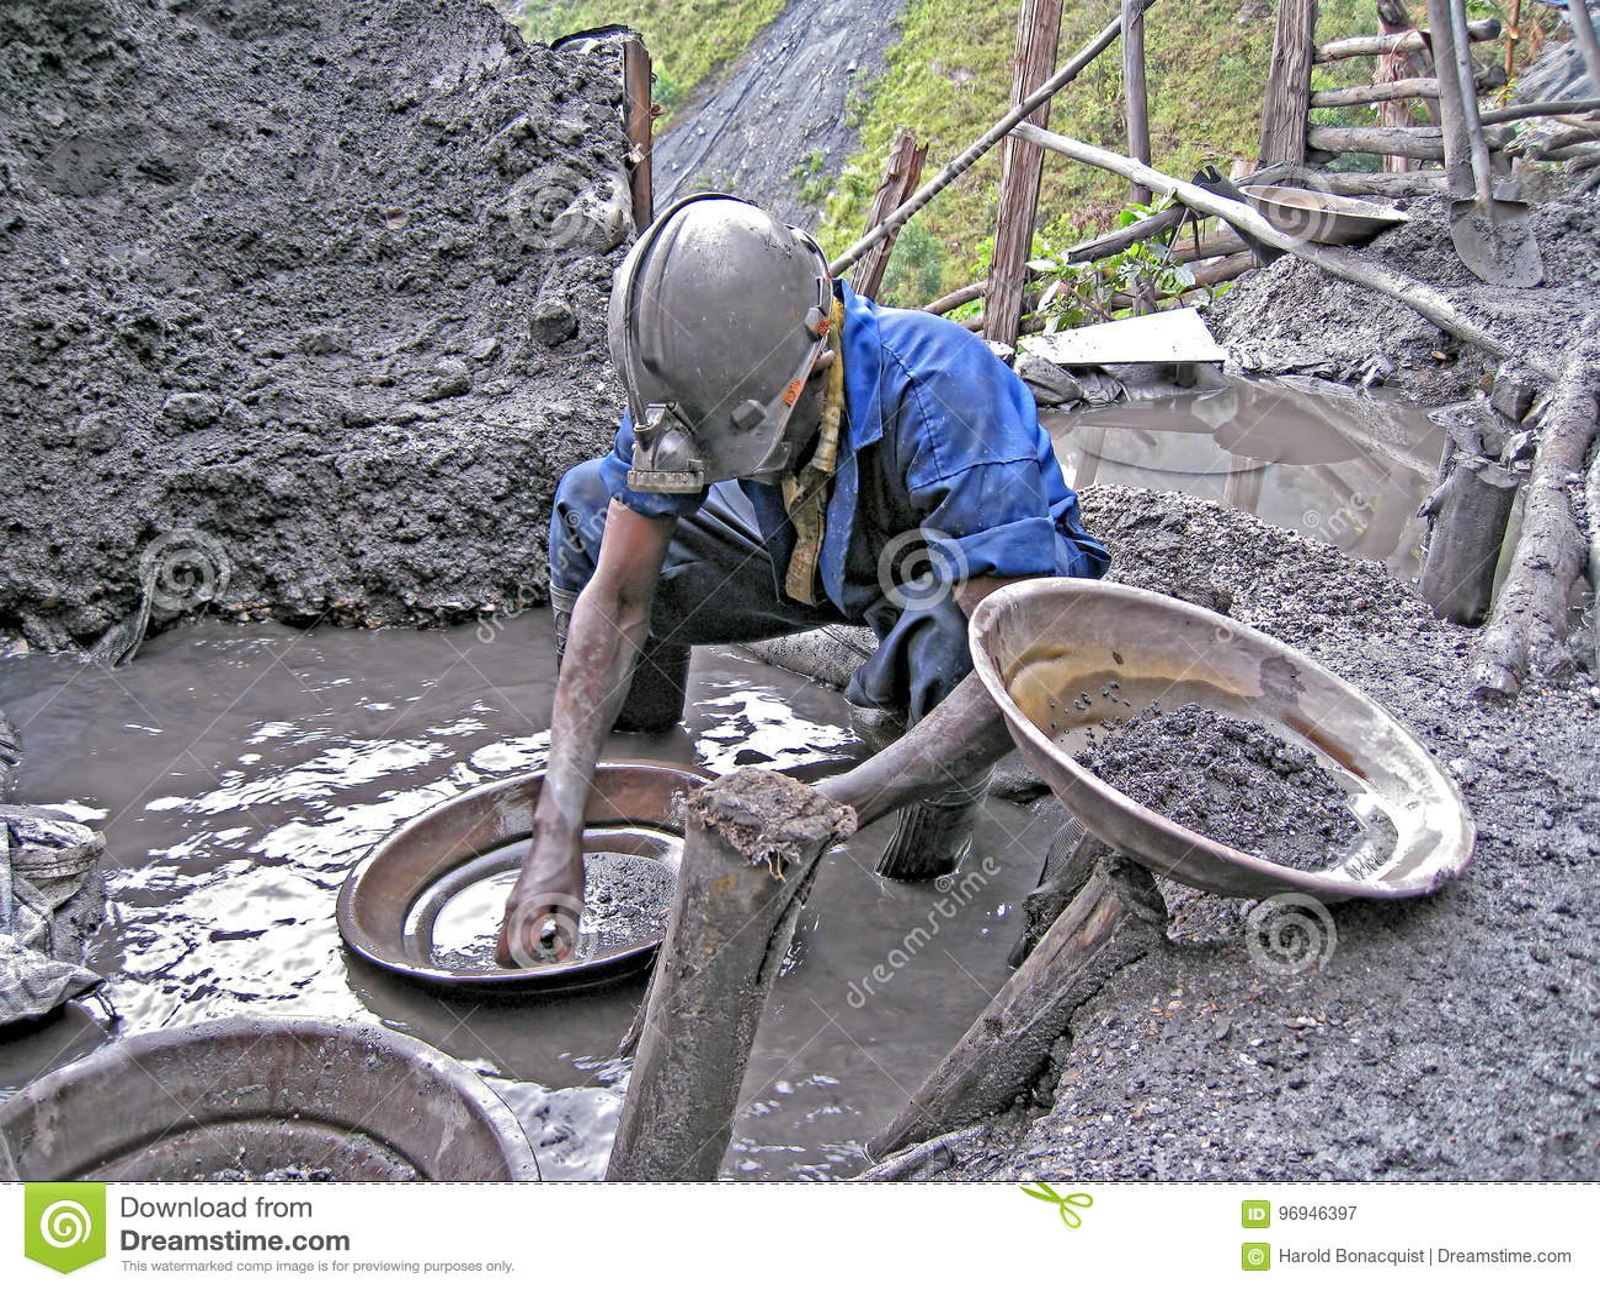 贵重金属的卢旺达矿工摇摄